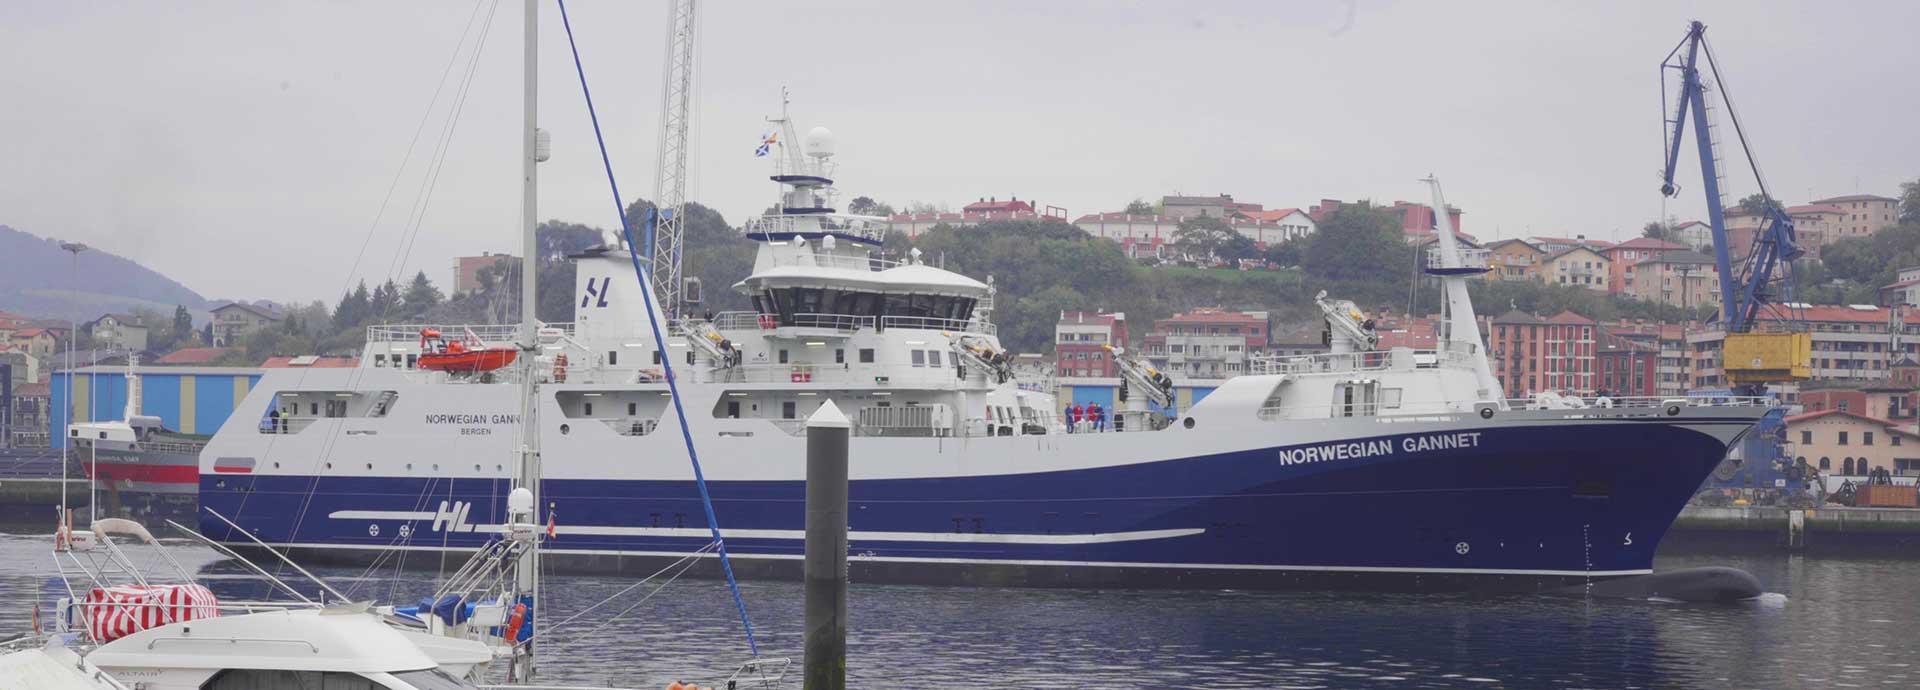 Propulsion Control on the Norwegian Gannet